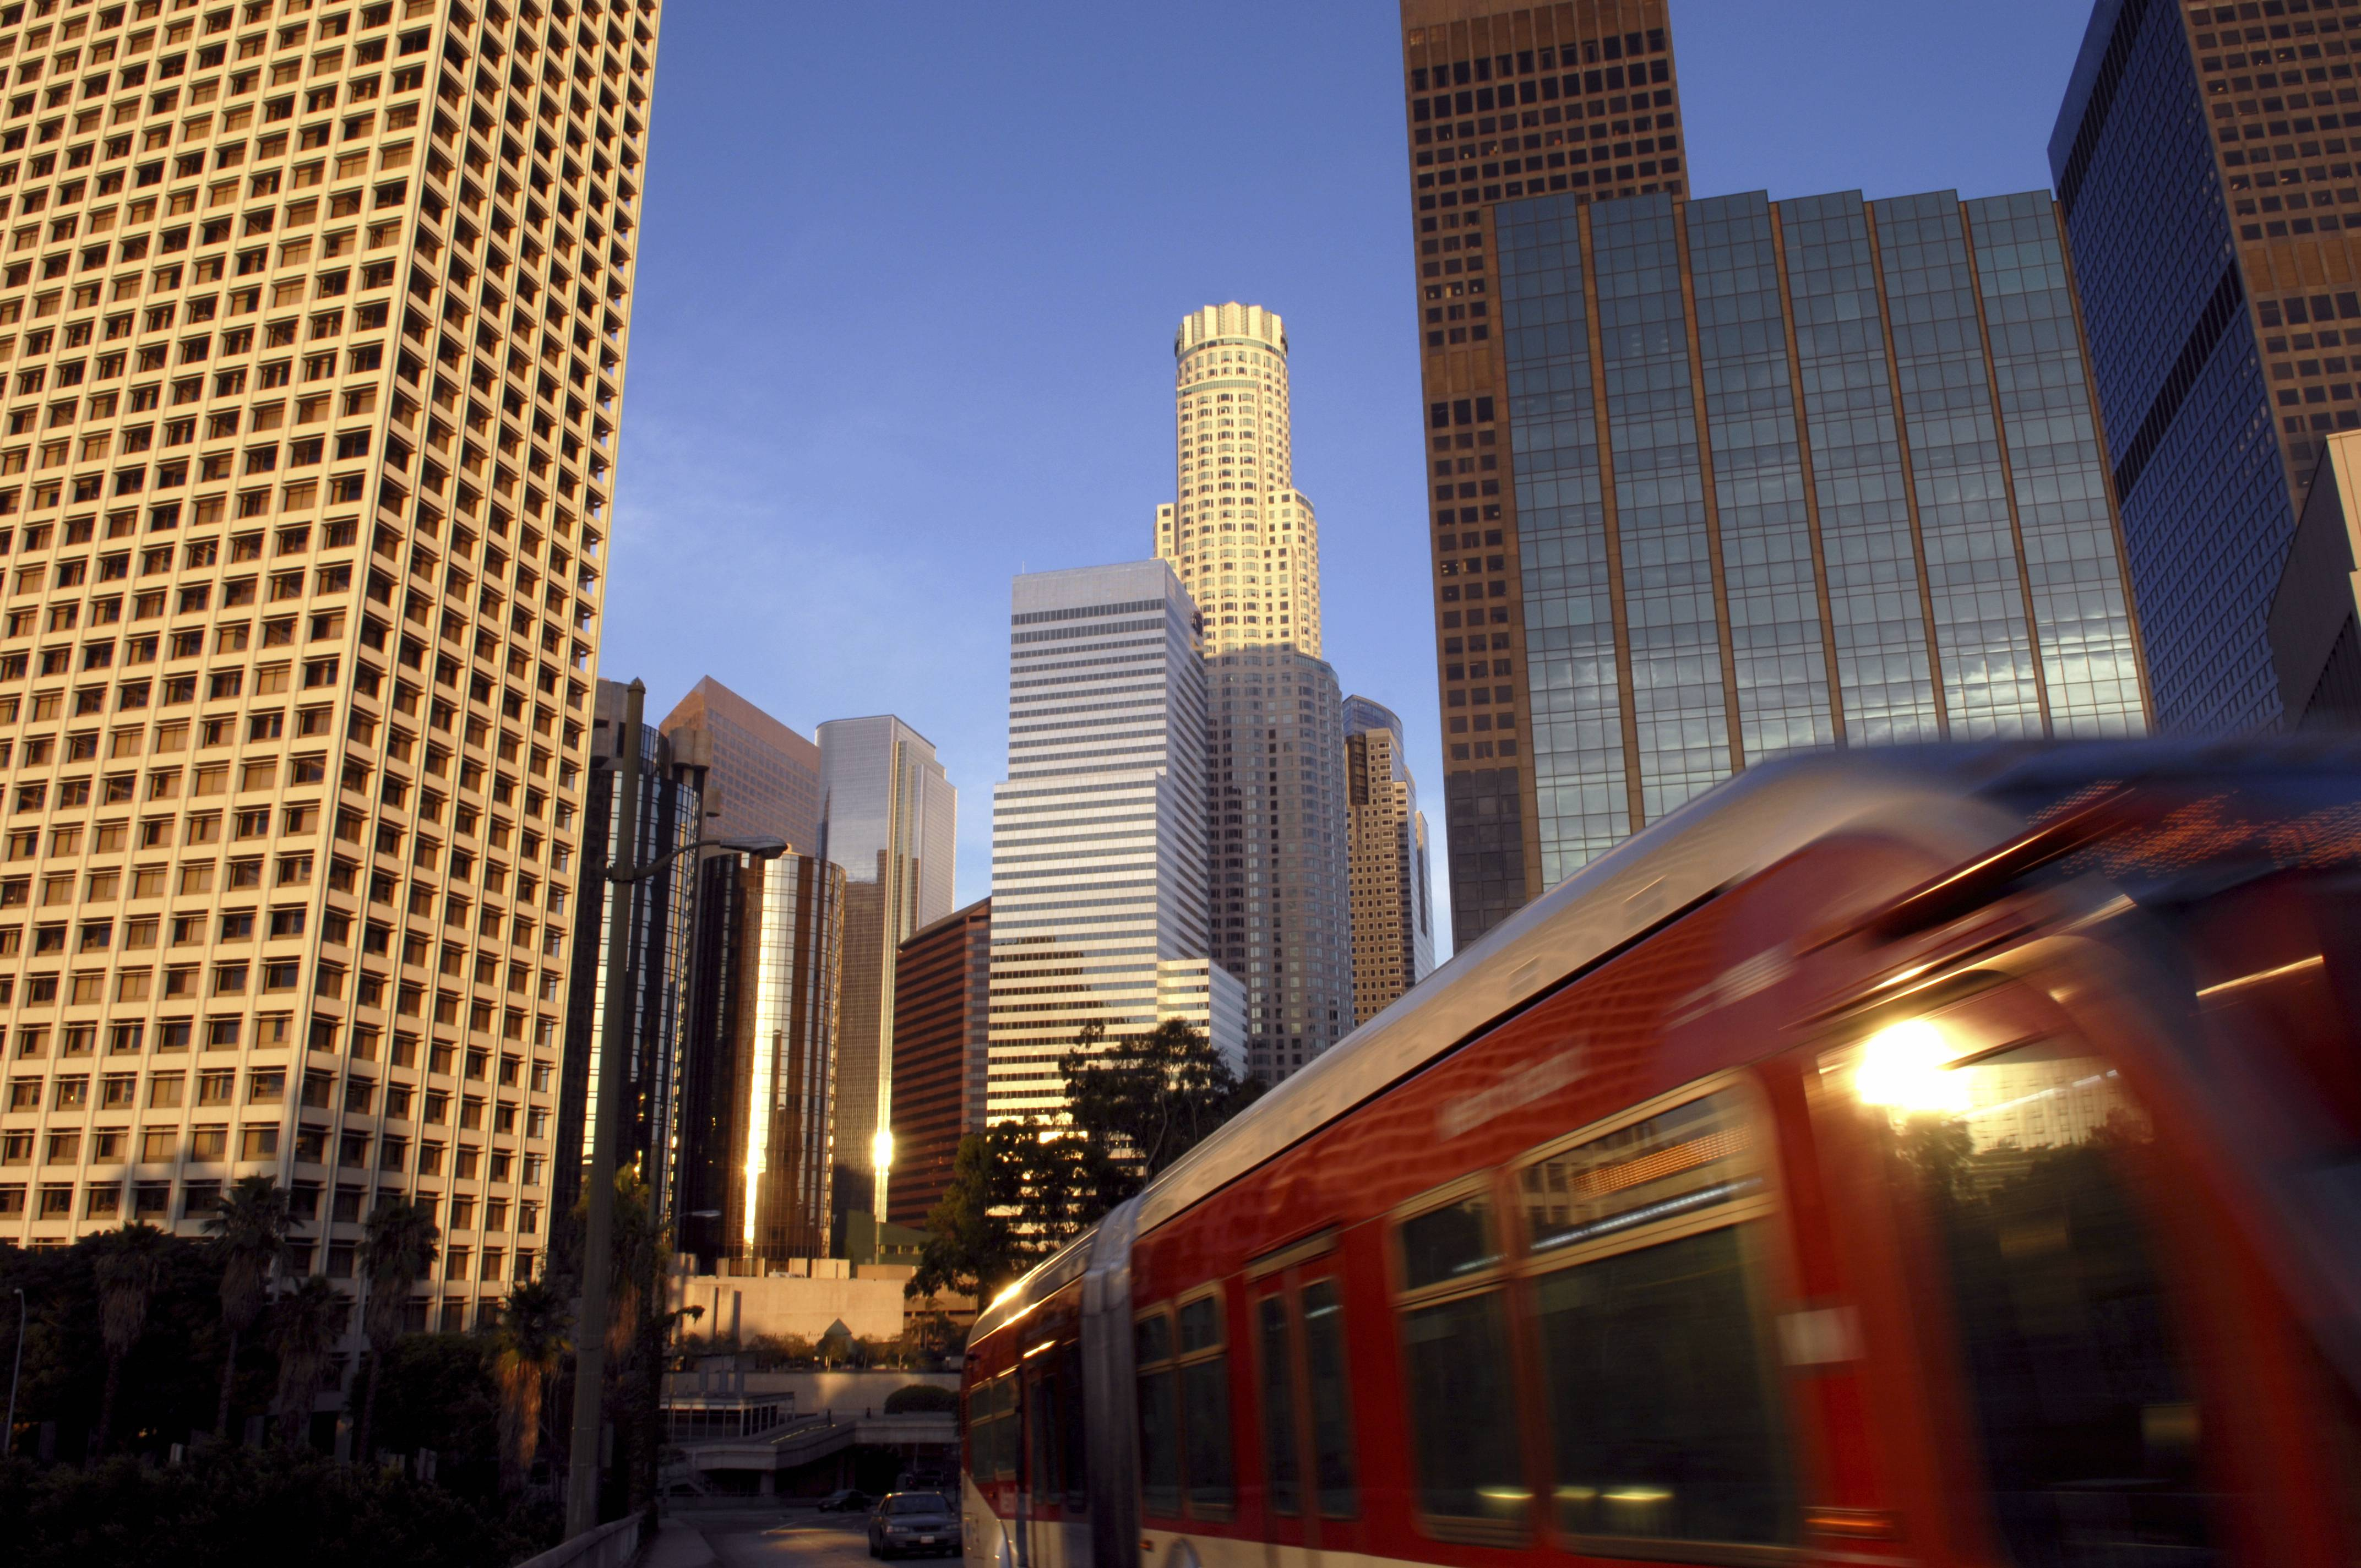 Лос-анджелес - отзывы переехавших: положительные, нейтральные и отрицательные